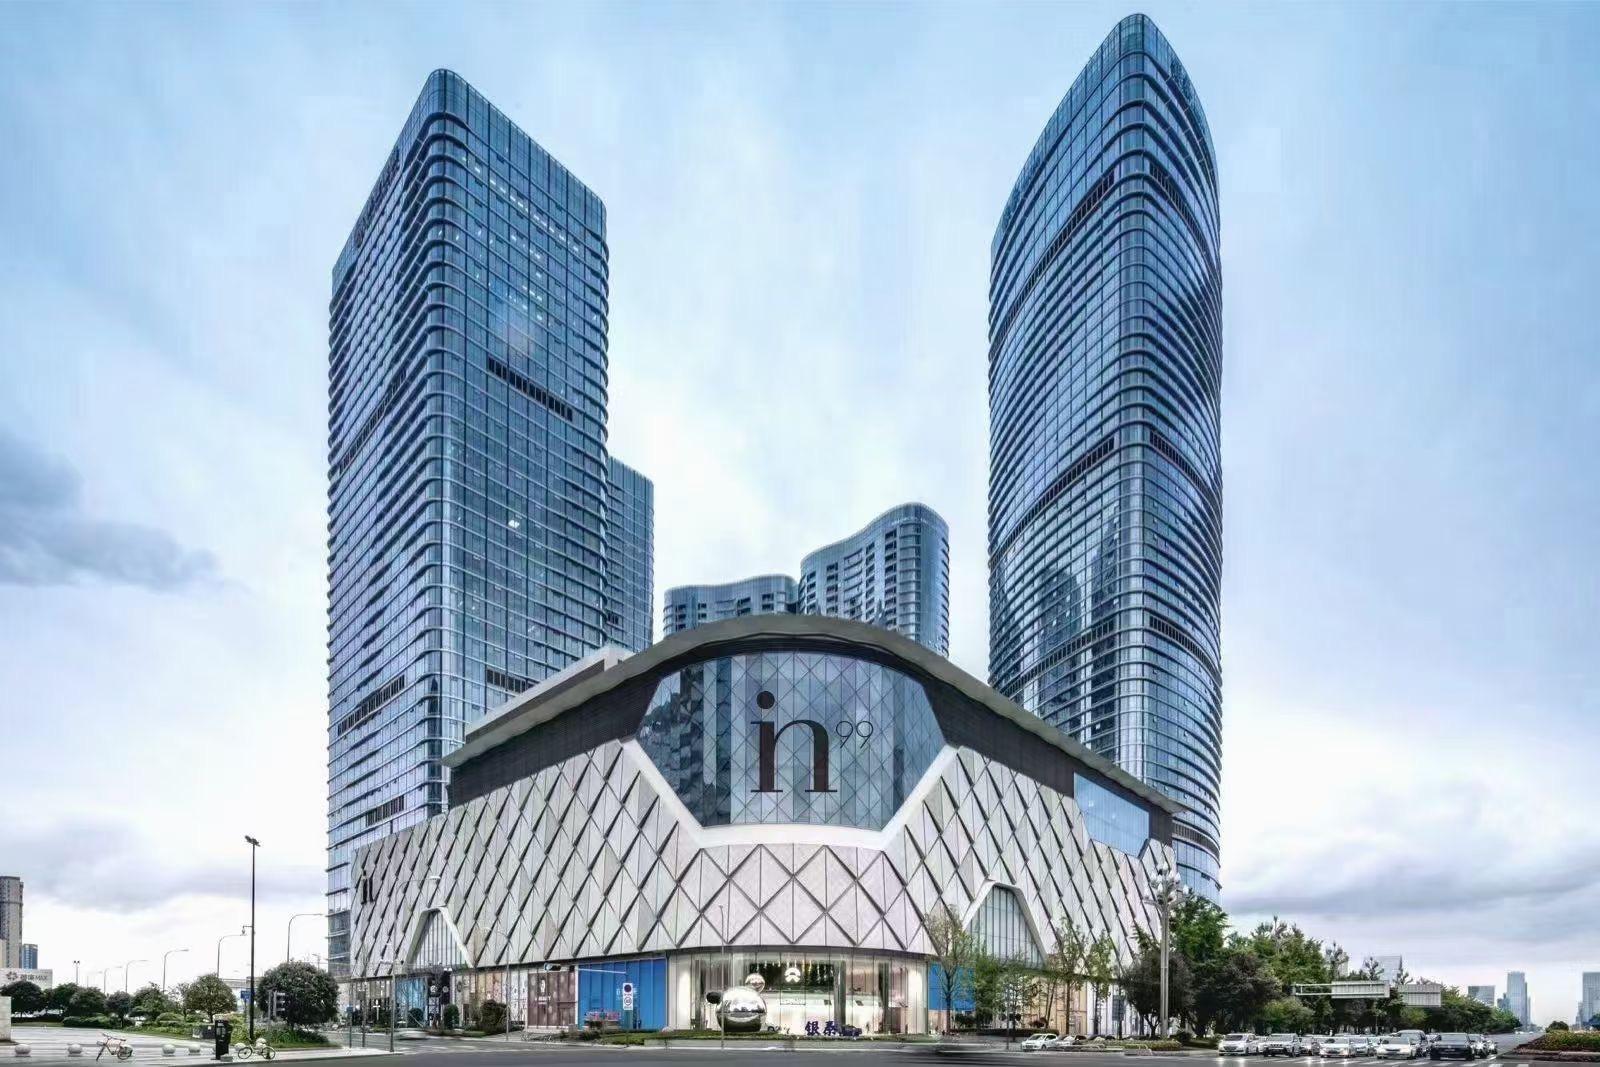 锦江区市中心地铁口核心地段富力中心全新装修艺术气息4隔间+40工位